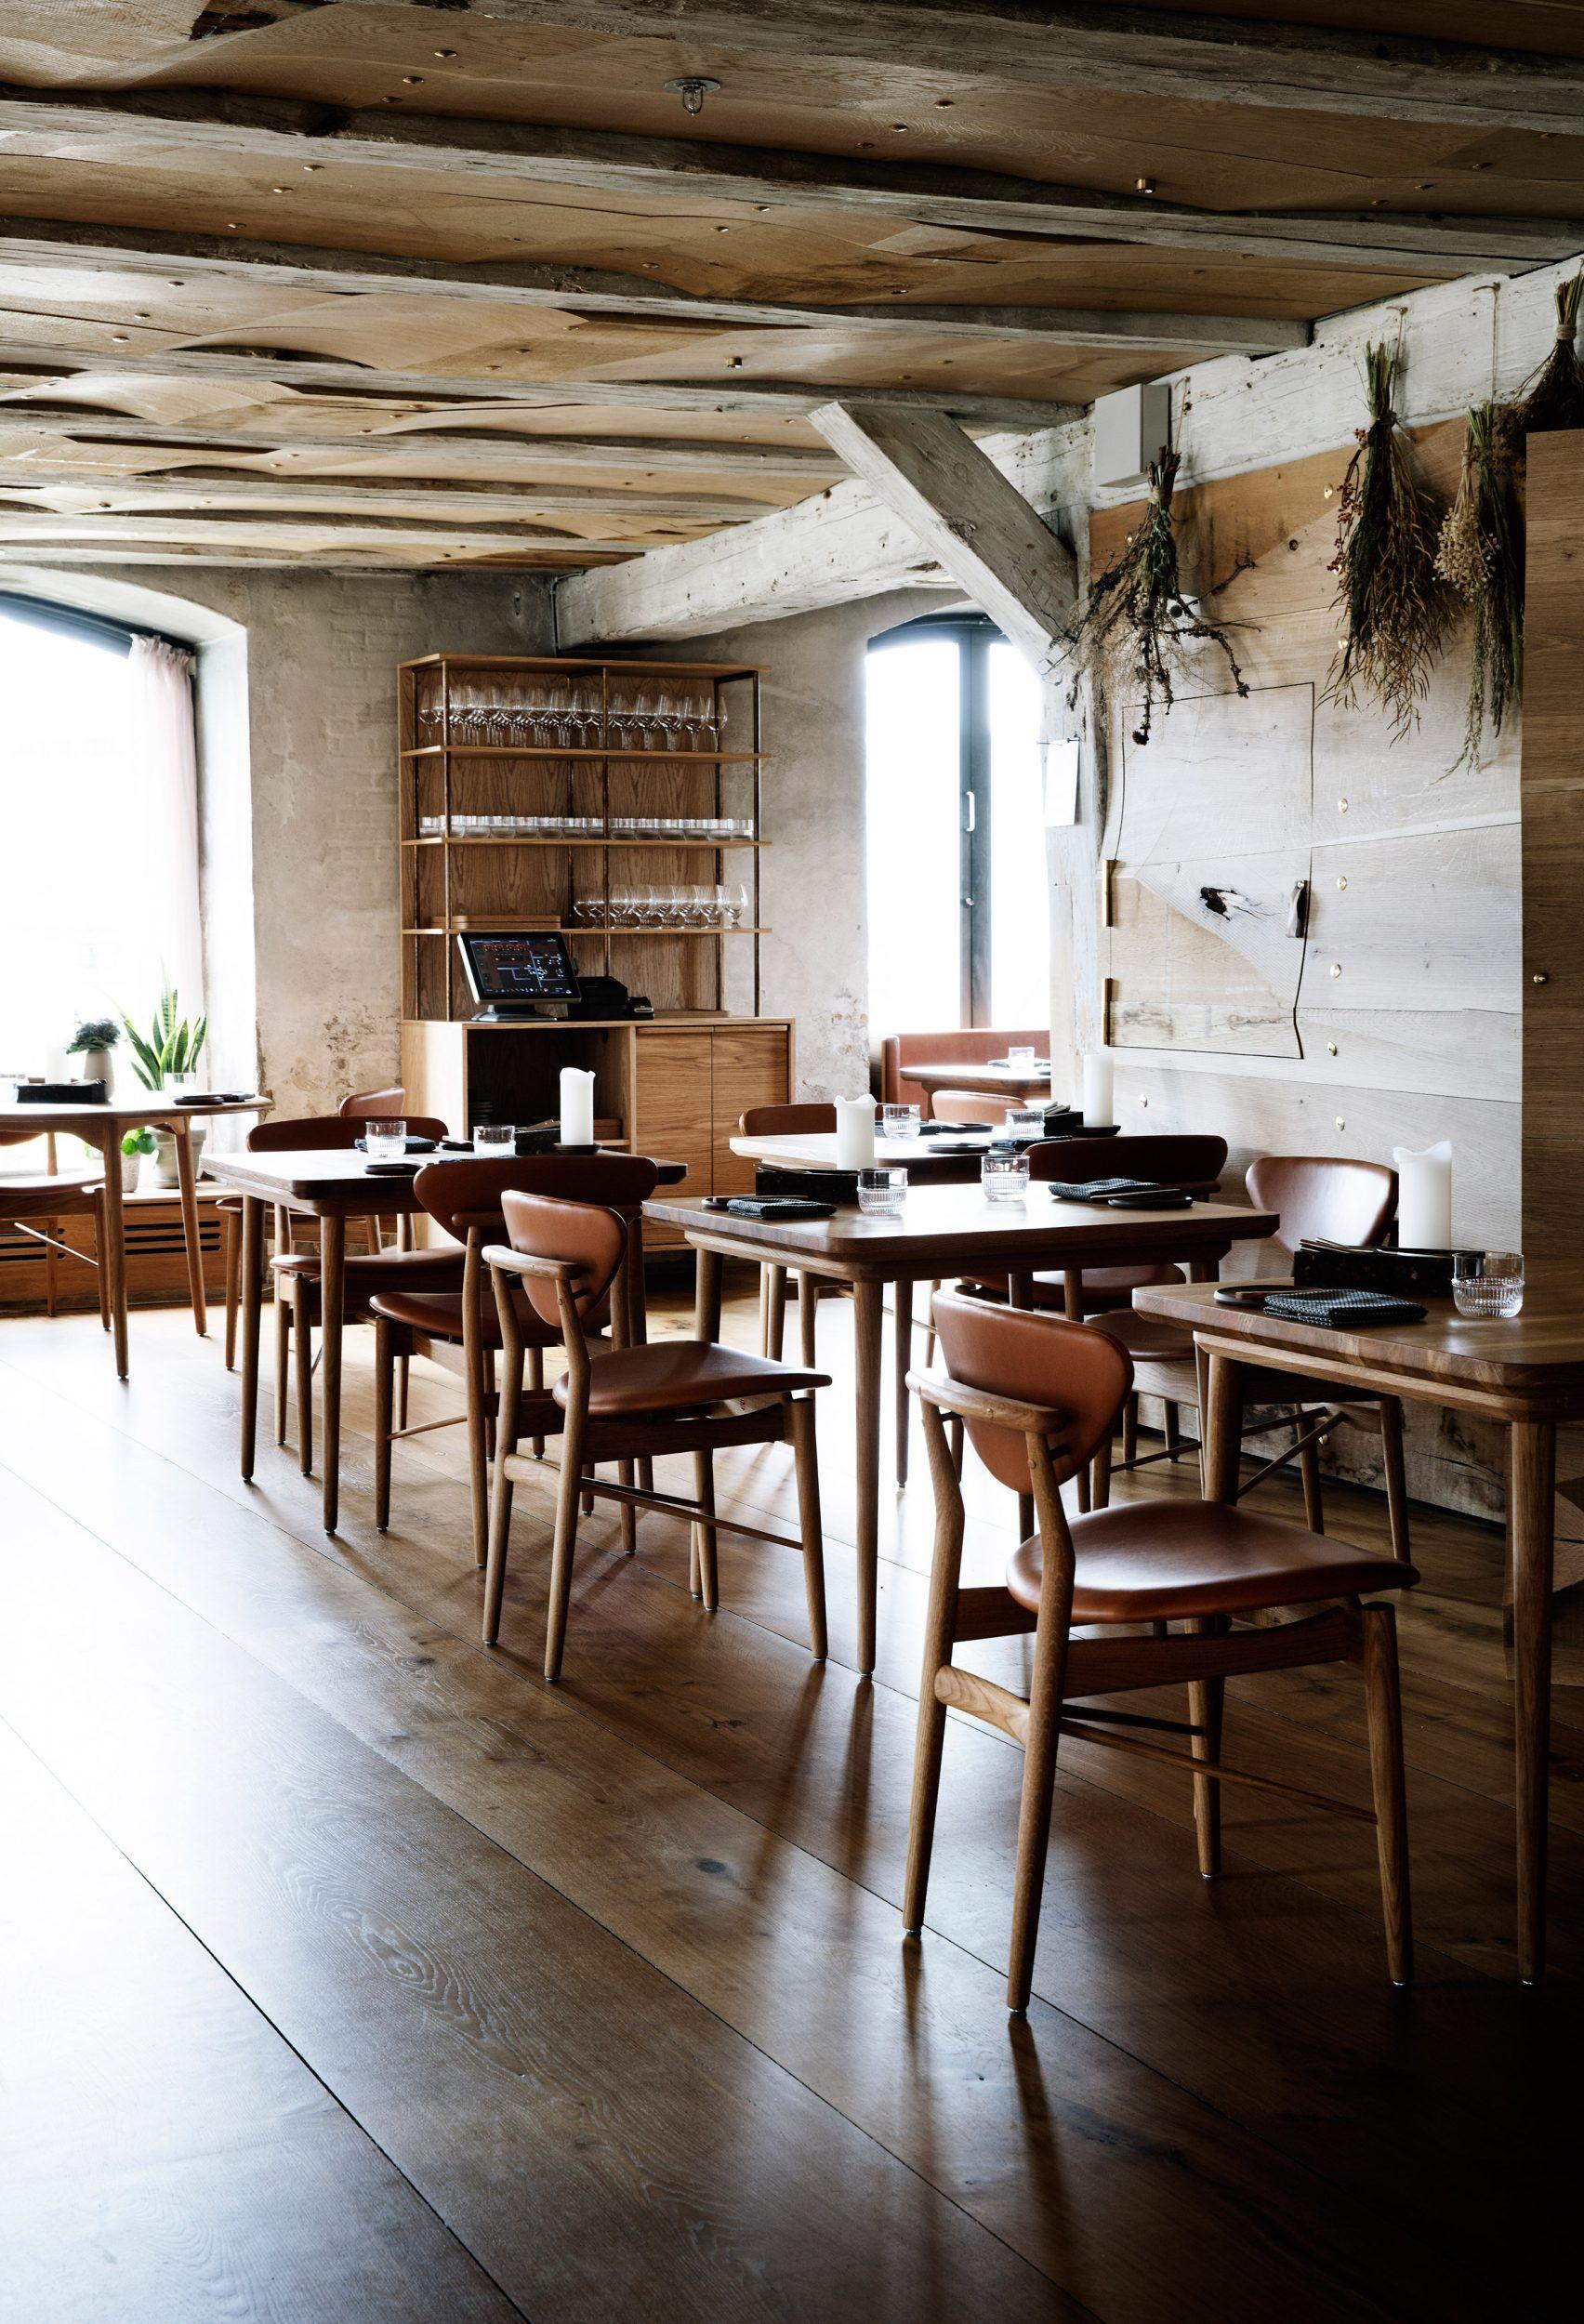 snhetta renovates restaurant interiors at nomau0027s former